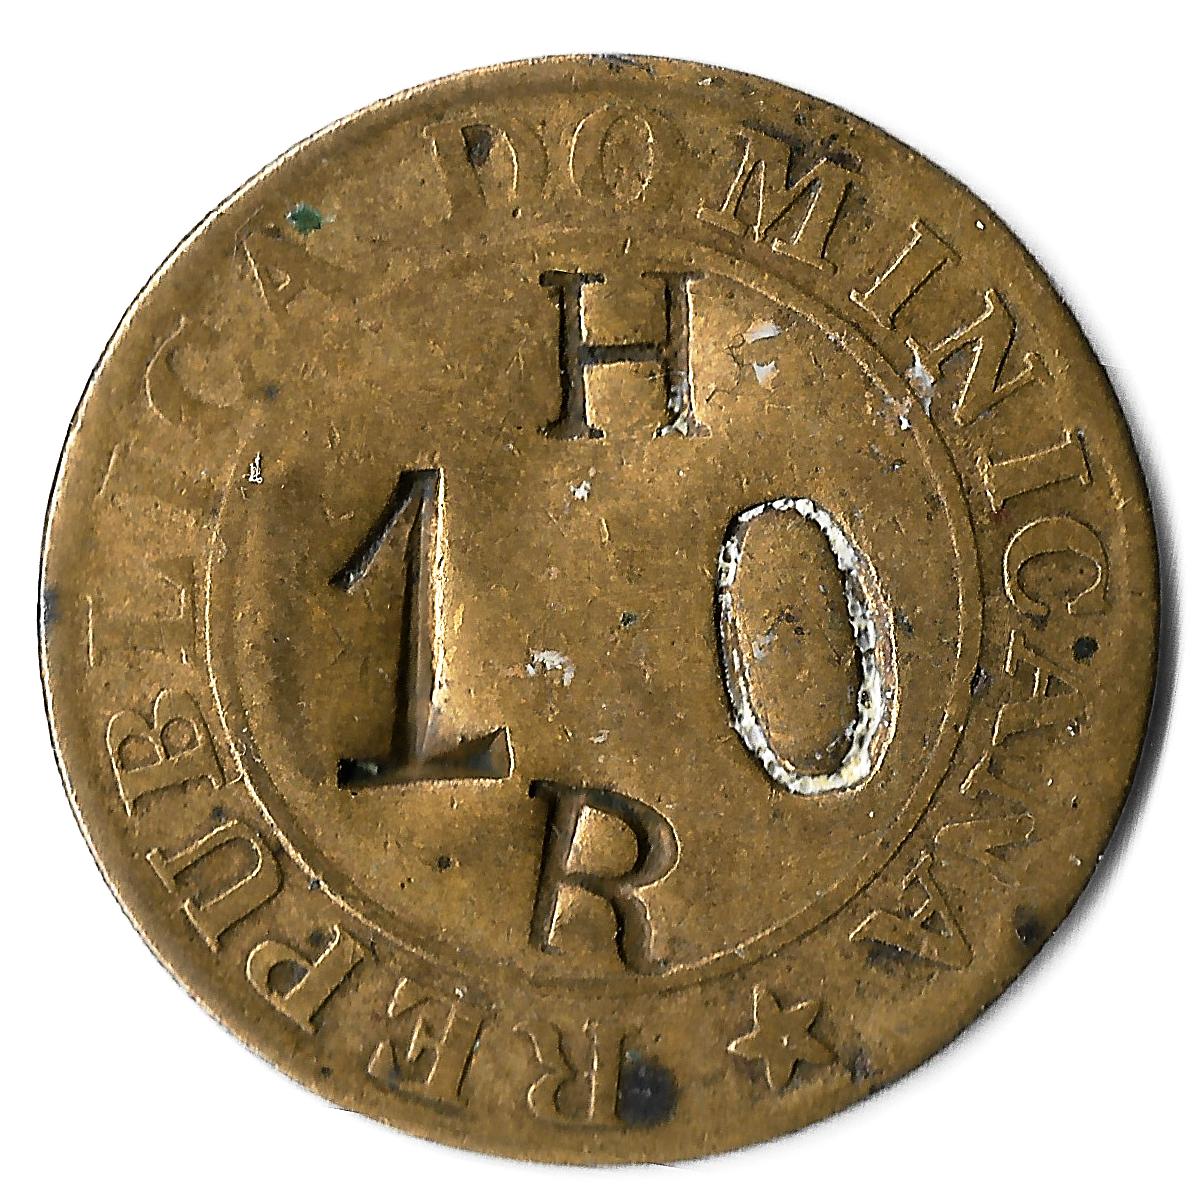 Contramarca privada HR 10, sobre moneda 1/4 de 1844. República dominicana. Colección Núñez